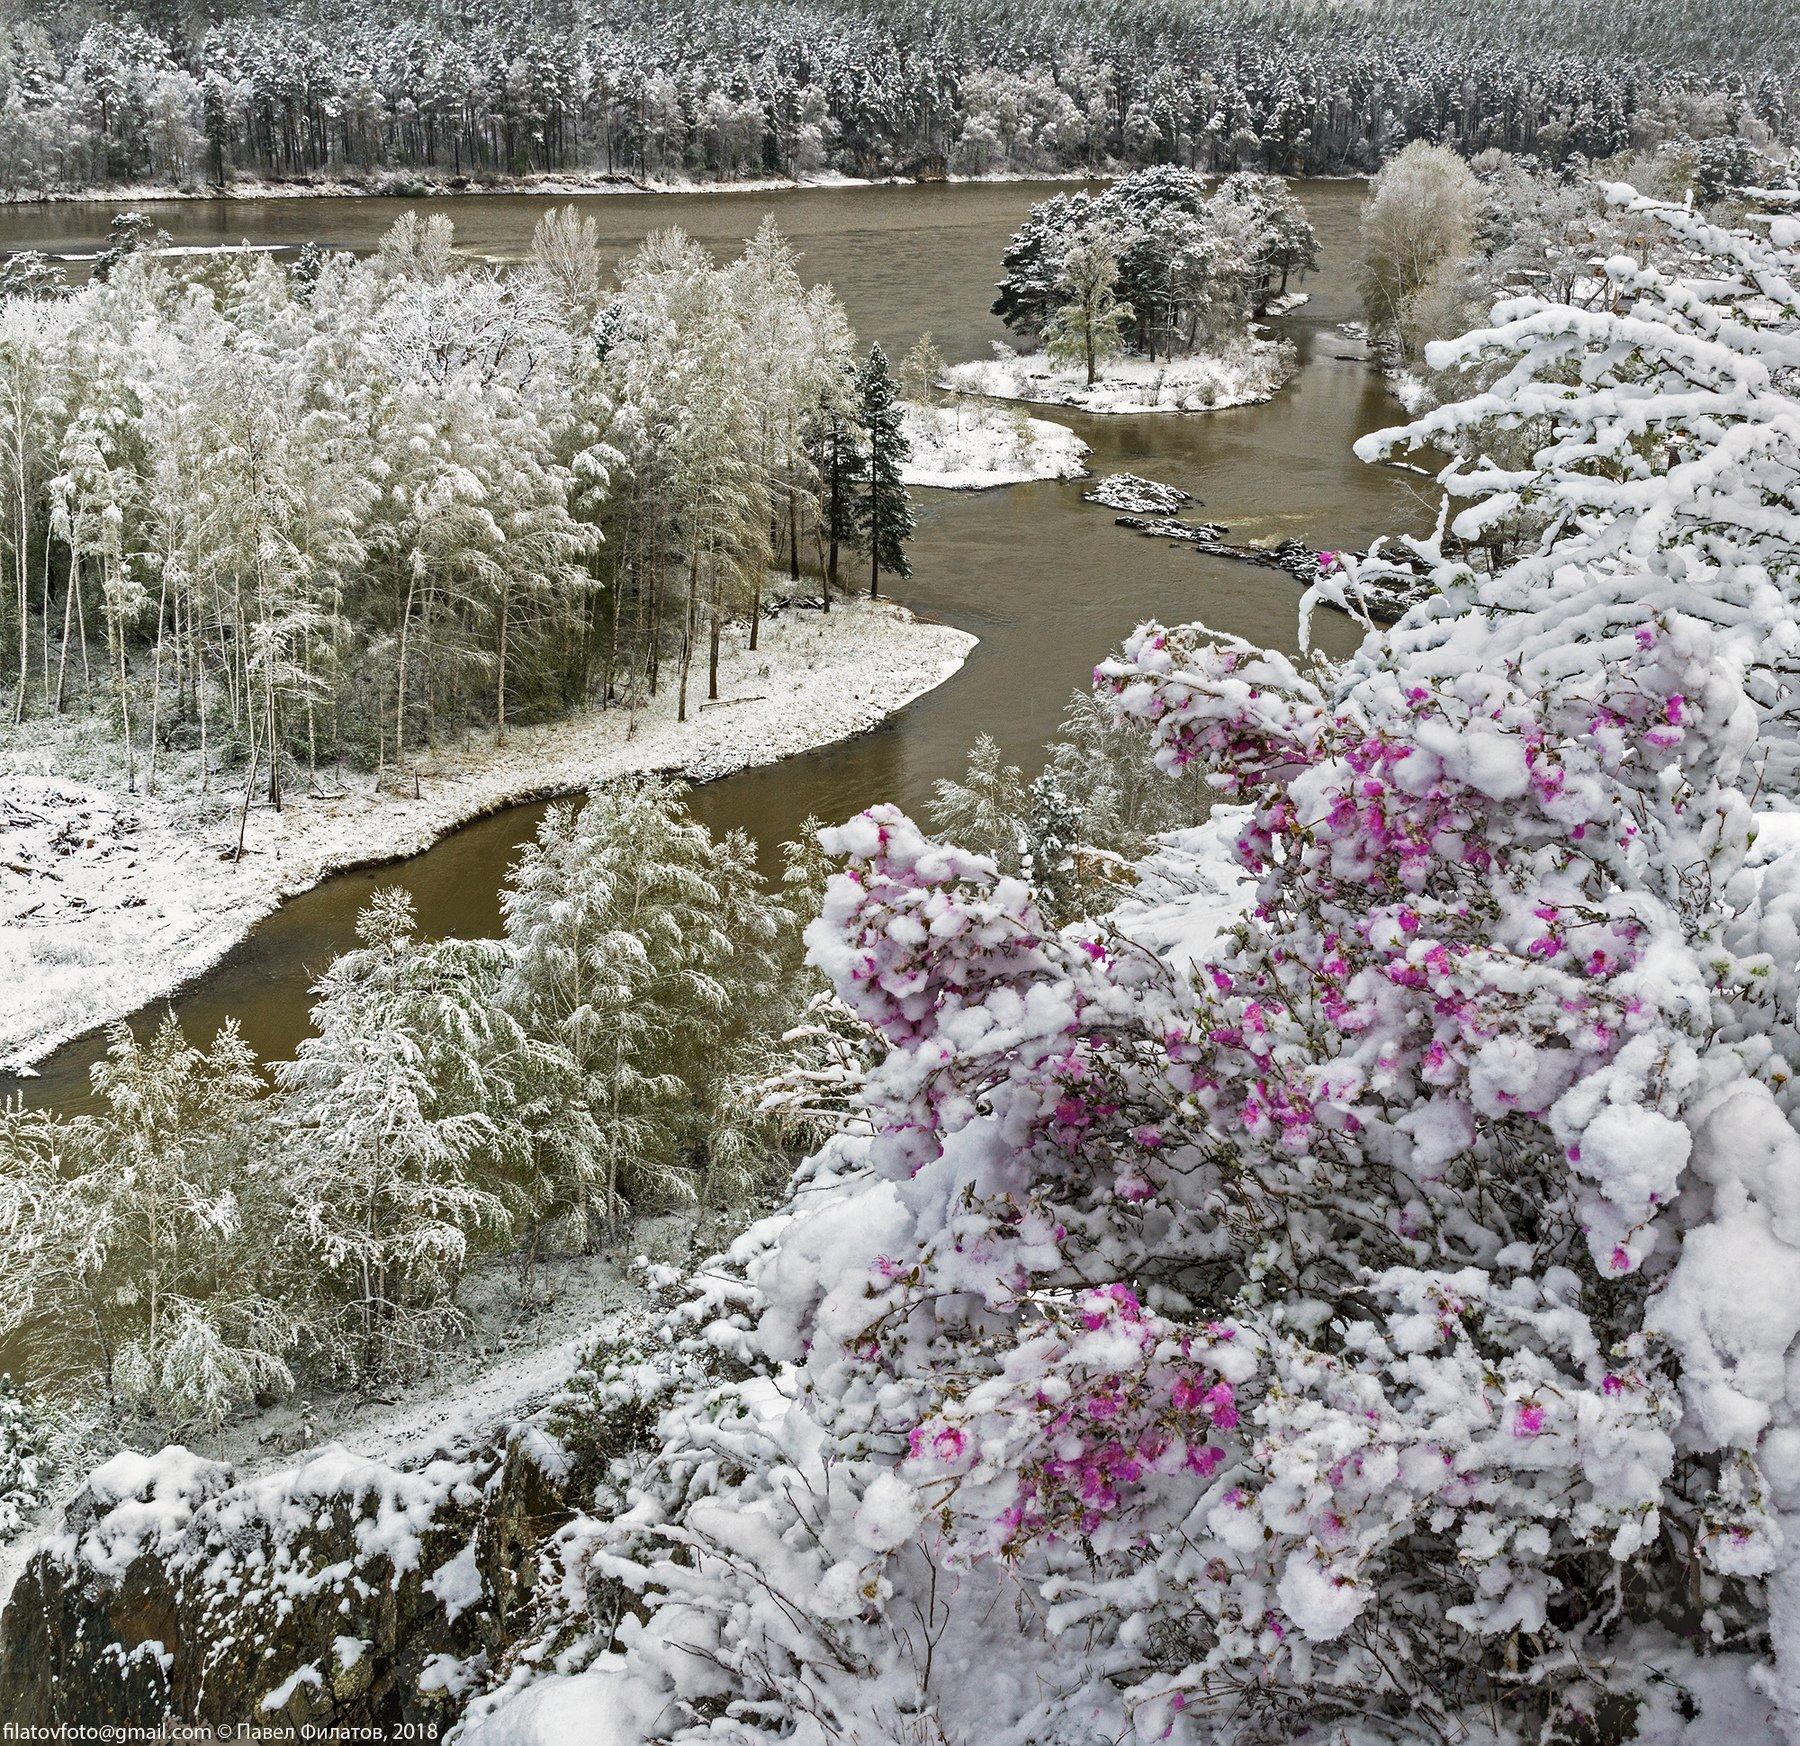 алтай, сибирь, снег, весна, маральник, рододендрон, цветение, катунь, Павел Филатов